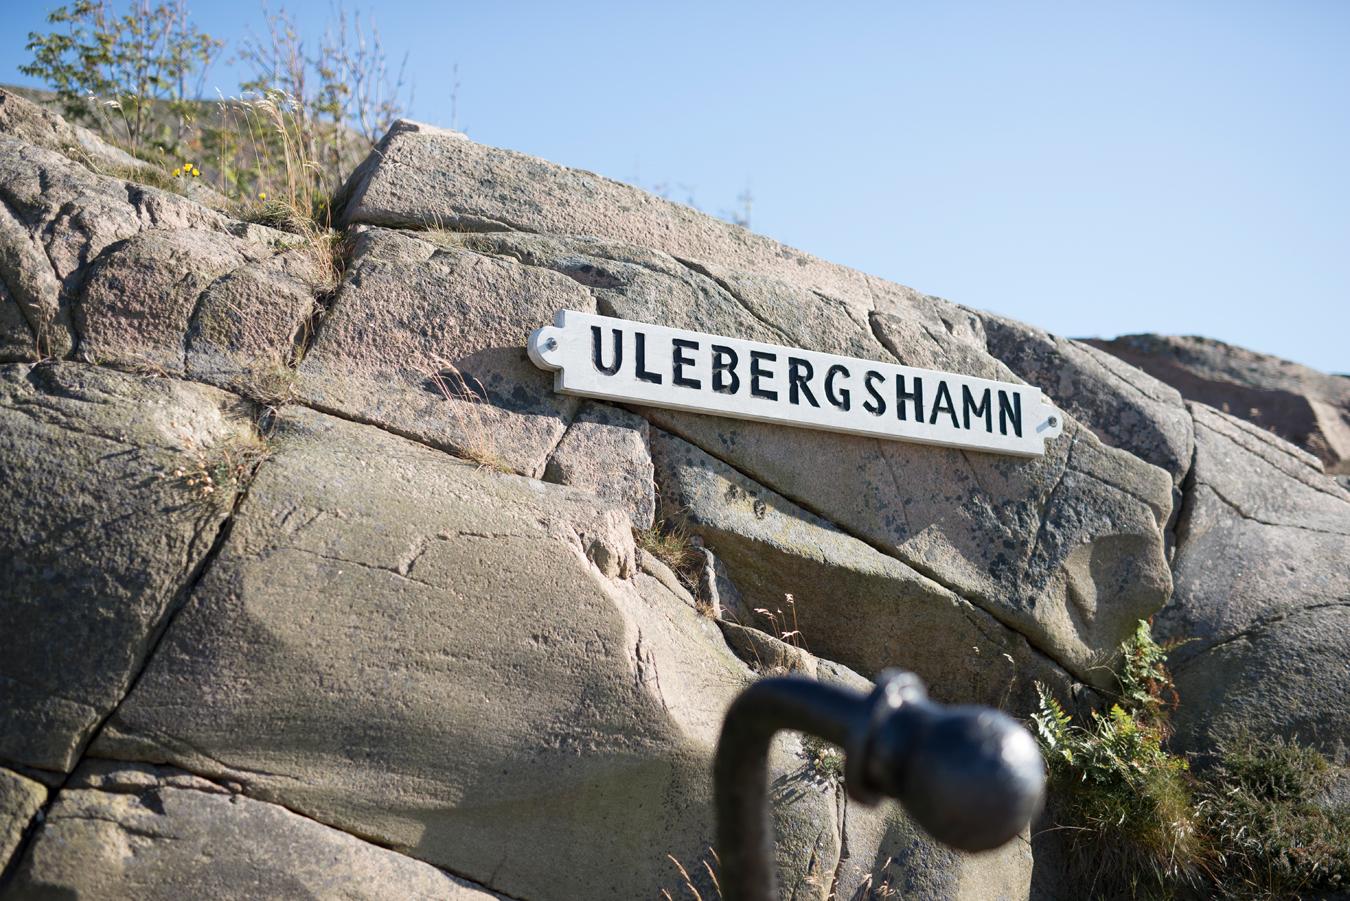 055-bröllopsfotograf-ulebergshamn-göteborg-neas-fotografi.jpg